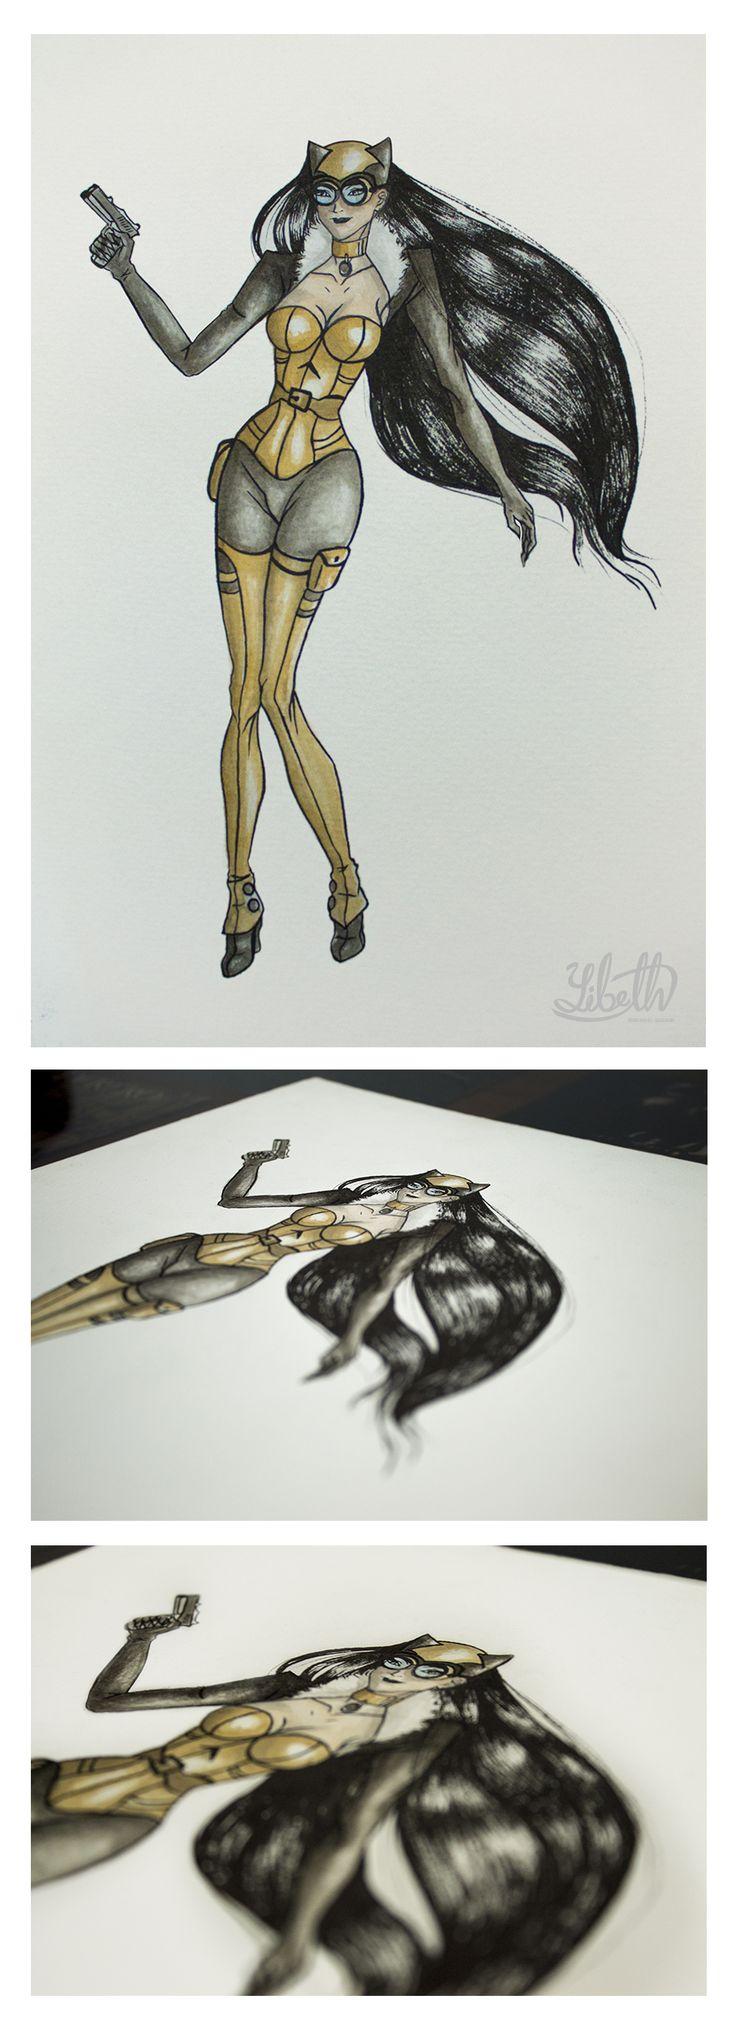 Ilustración Cómic. Diseño personal. Autor: Yibeth Gonzalez Silva. Personaje: CatWoman. Basado en el personaje del cómic Batman. Técnica: Acuarela y Tinta China sobre papel.